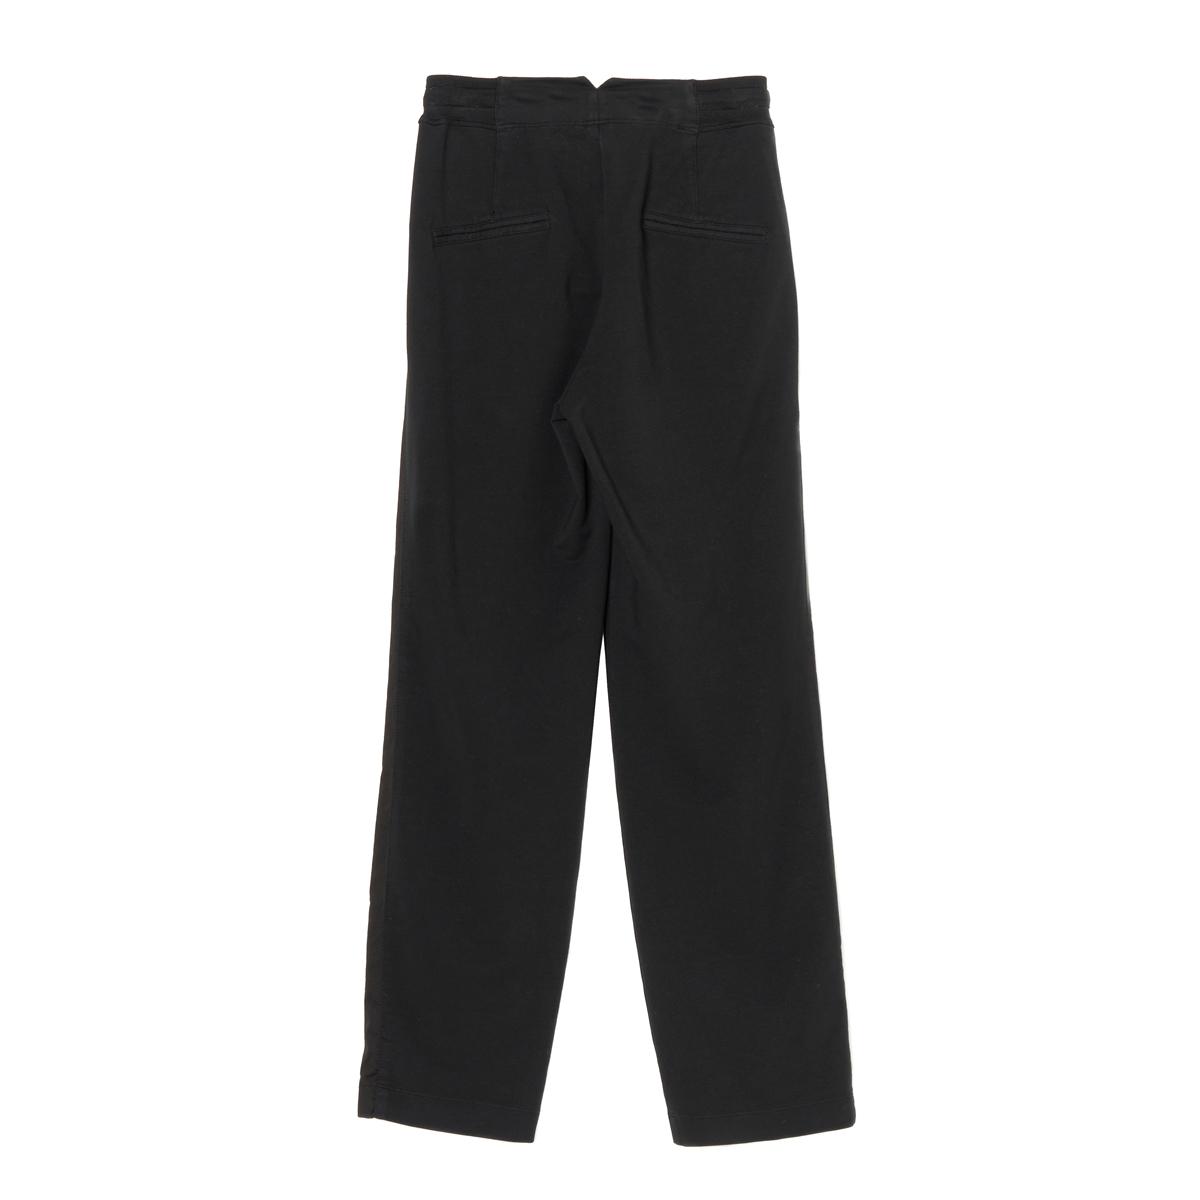 [2021秋冬]  EUROPEAN CULTURE[ヨーロピアンカルチャー]  07YU 2261-1600 パンツ ブラック